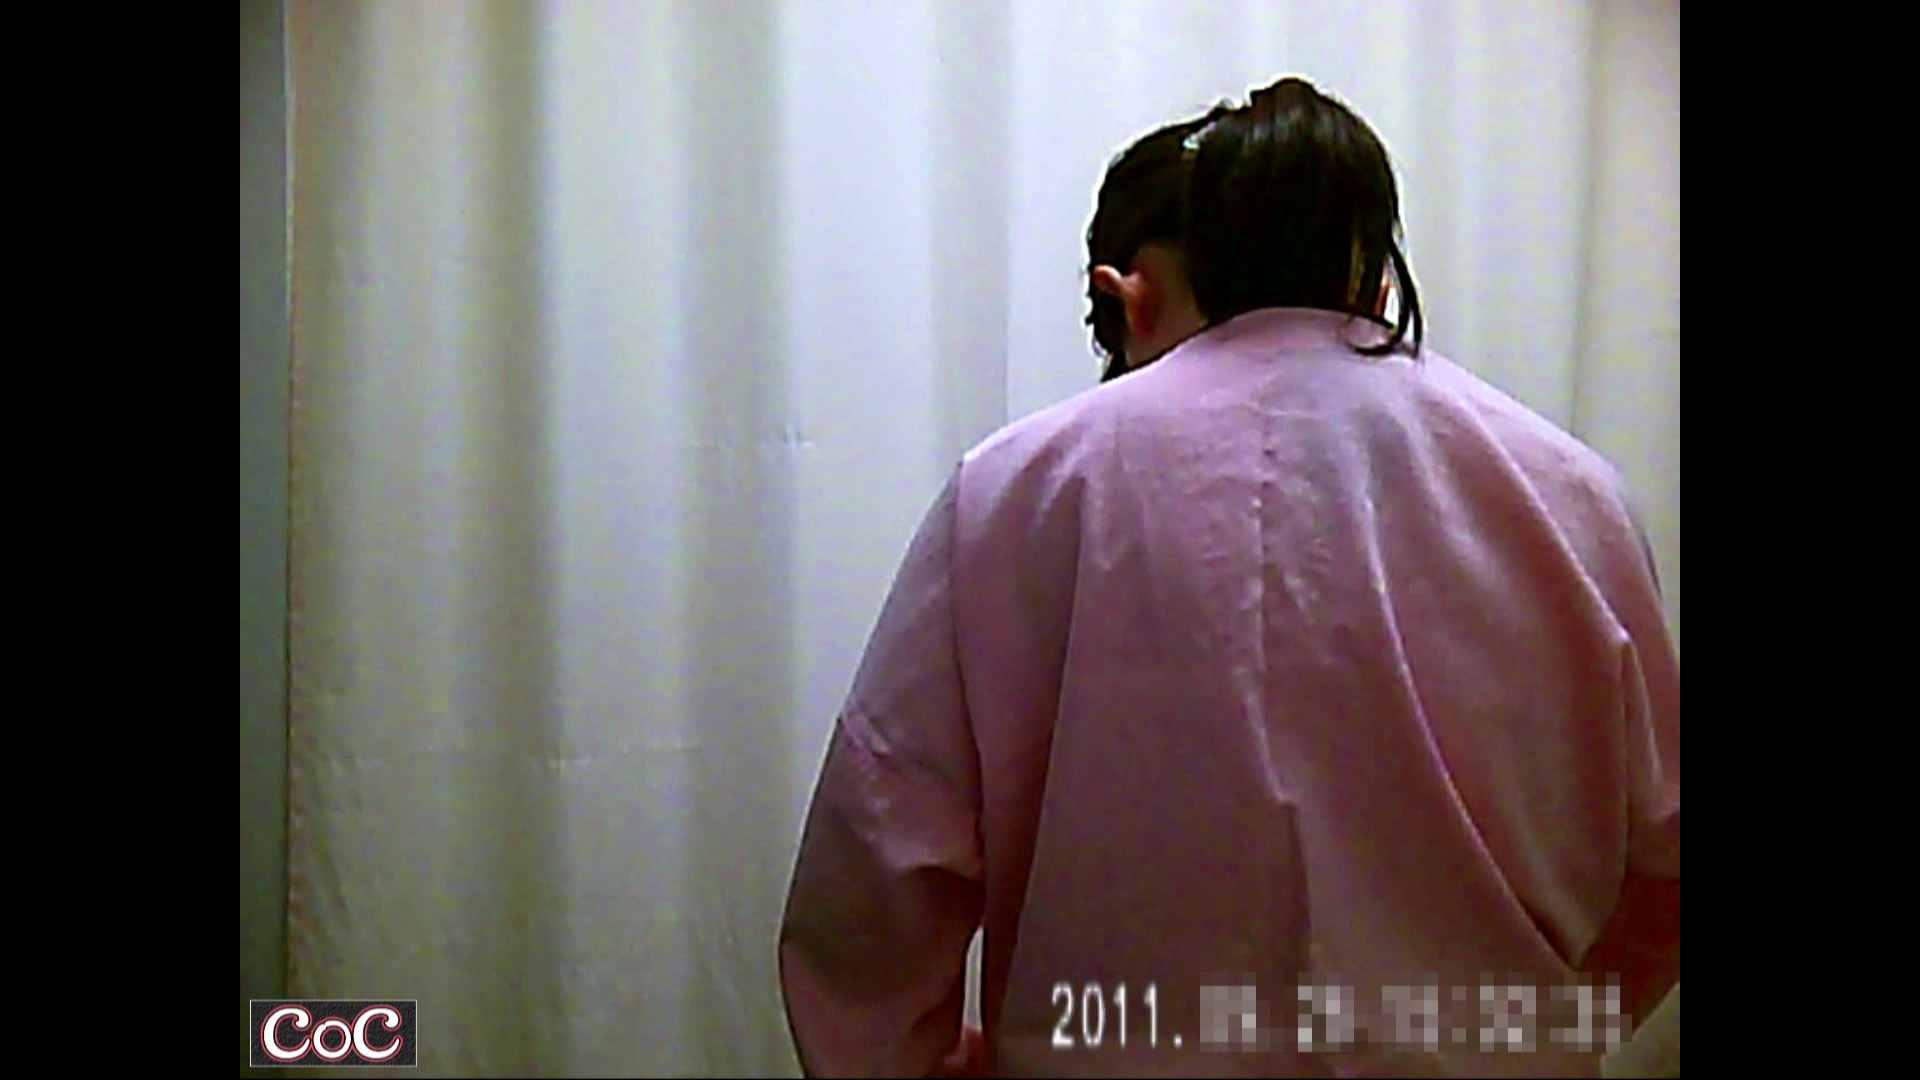 病院おもいっきり着替え! vol.35 盗撮 アダルト動画キャプチャ 103PICs 10